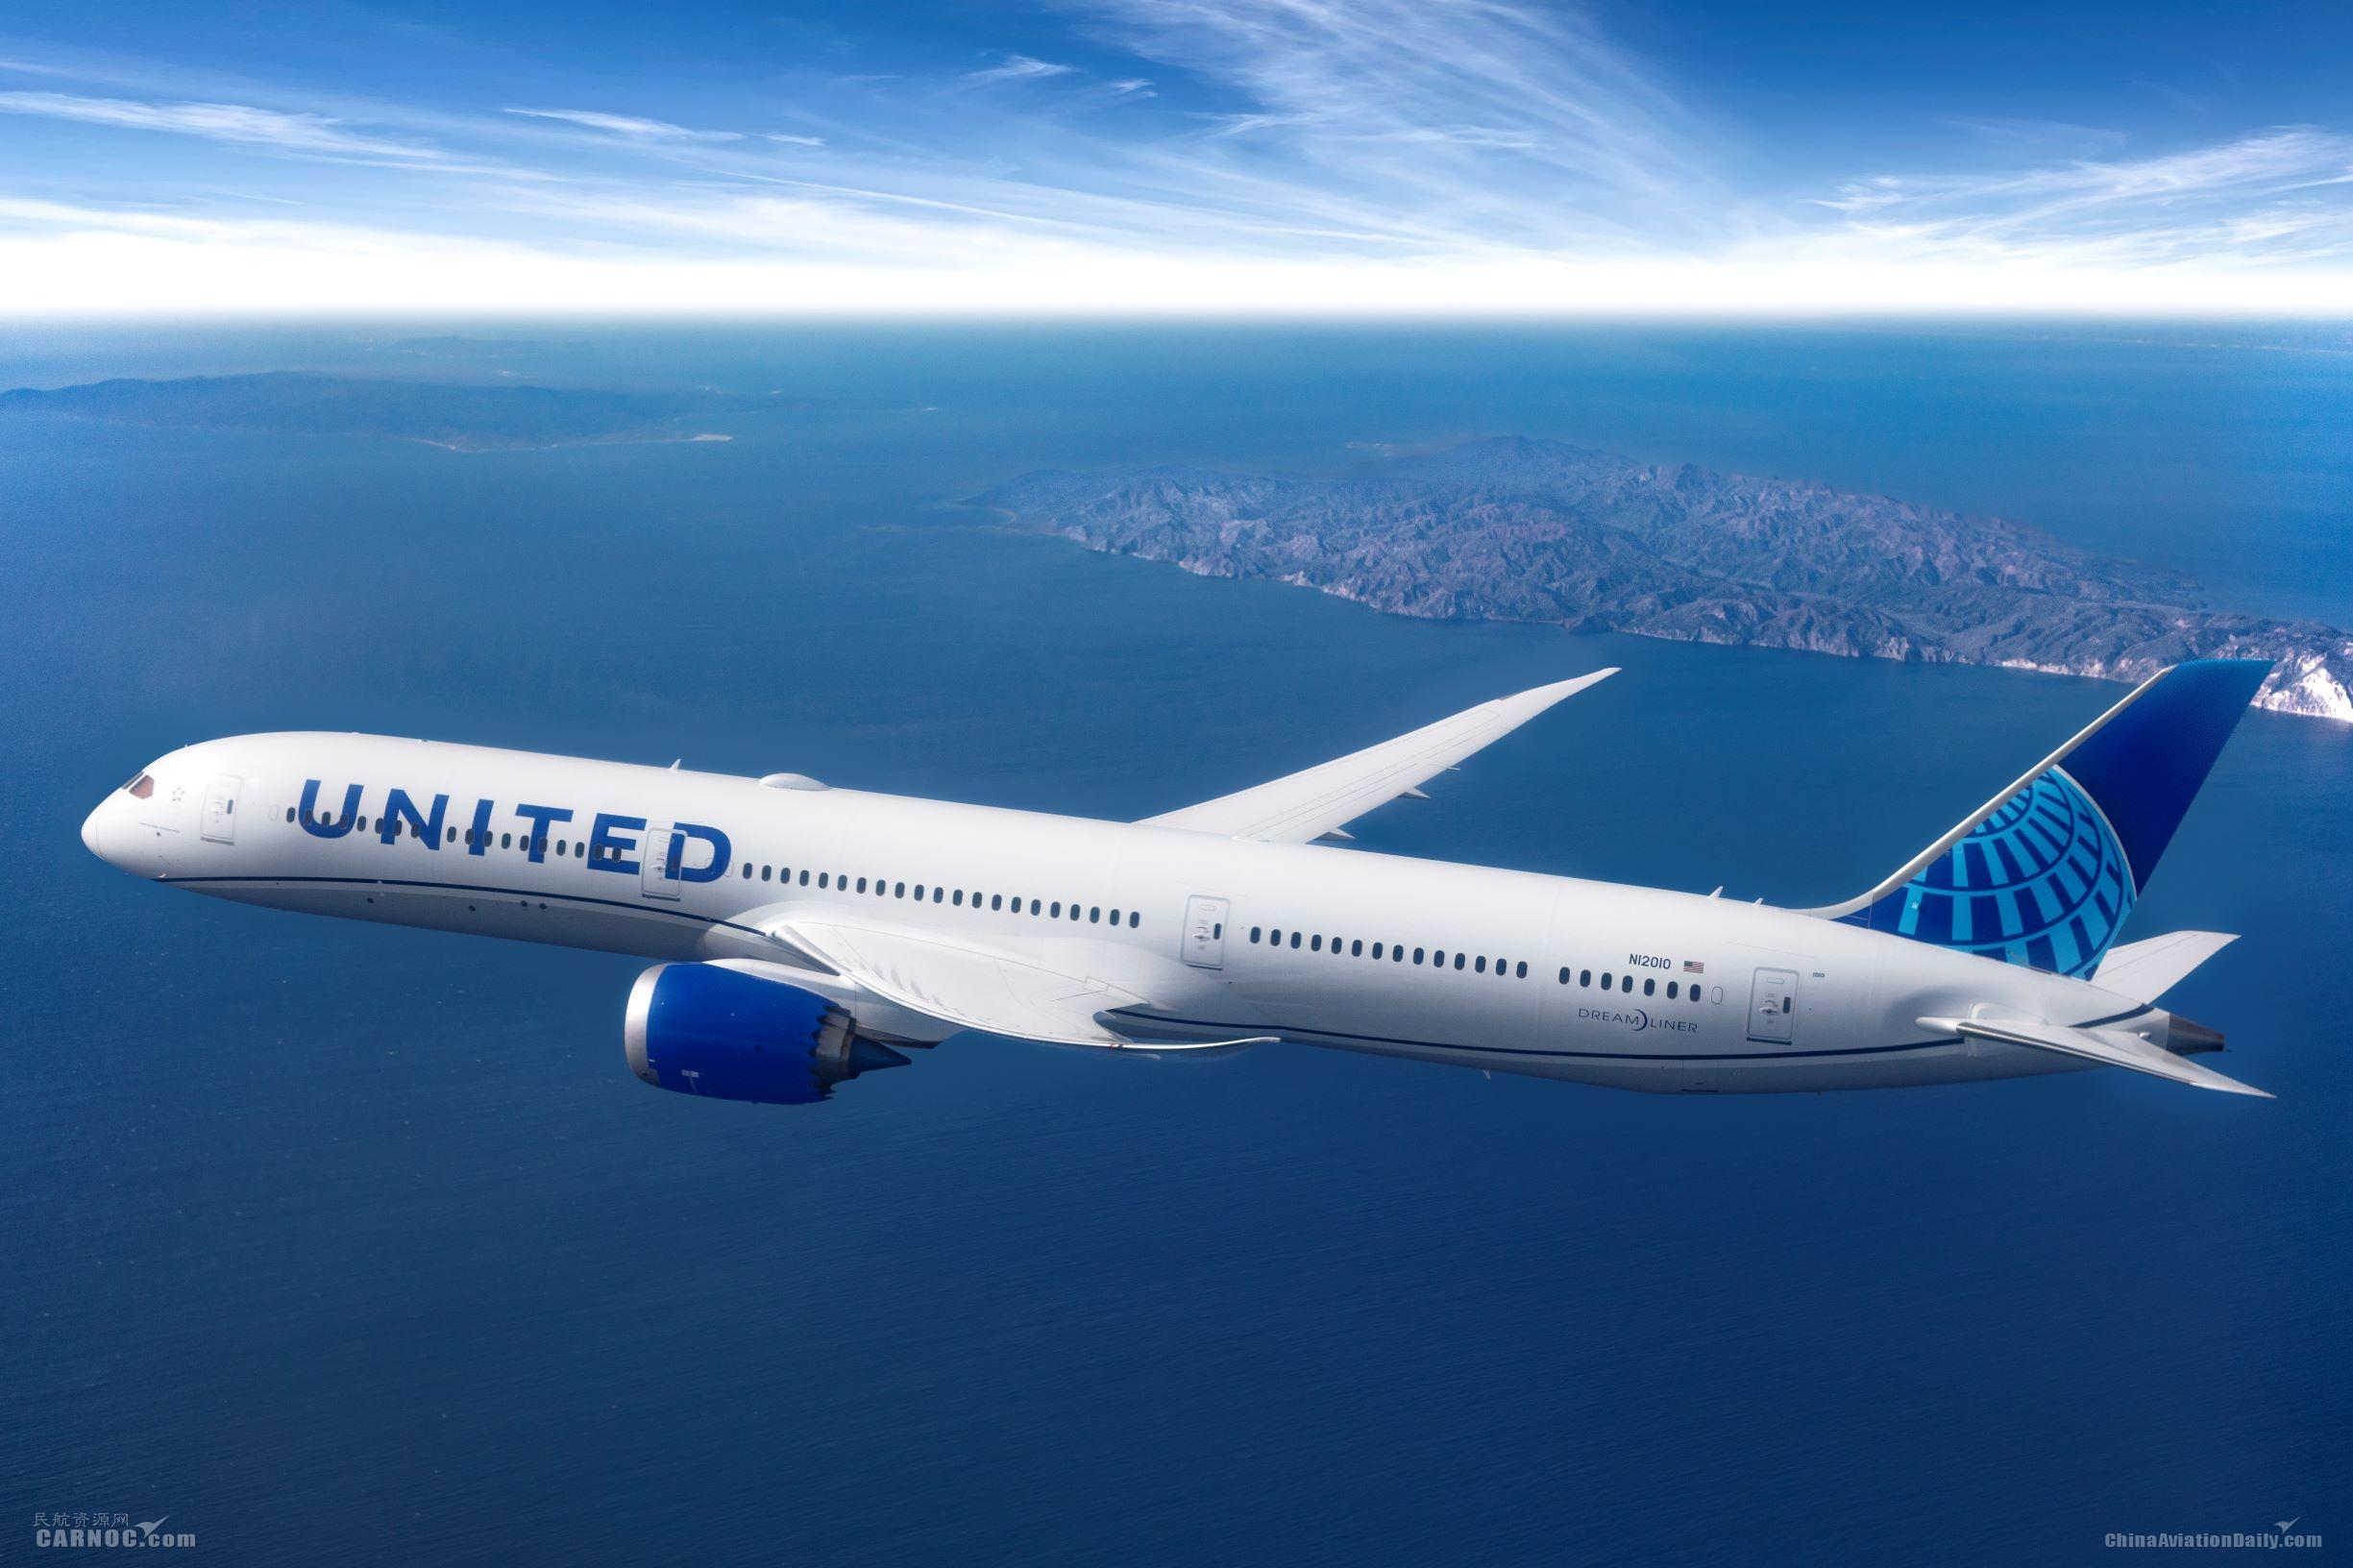 美联航宣布于7月8日恢复中美航线